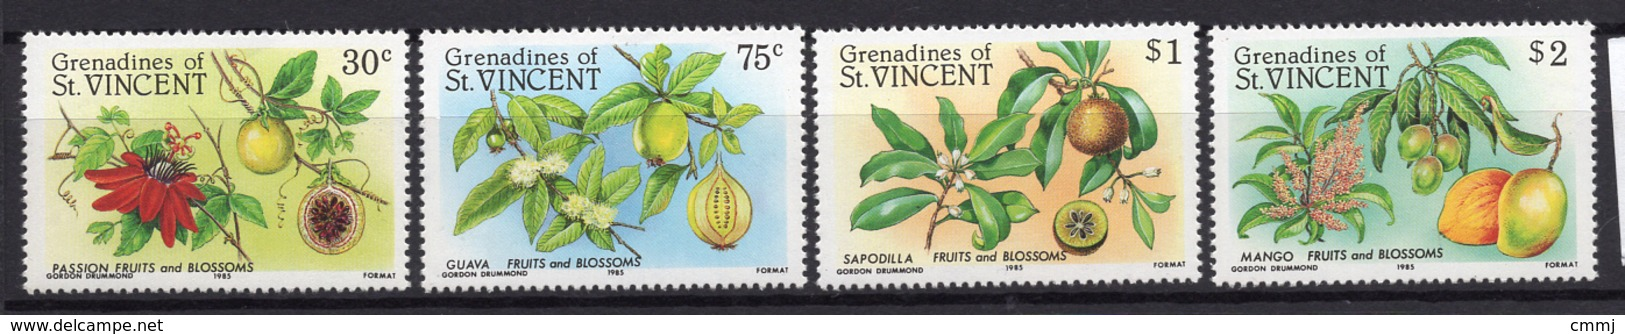 1985 - GRENADINE OF ST.VINCENT - Mi. Nr. 409/412 - NH - (UP.207.34) - St.Vincent E Grenadine